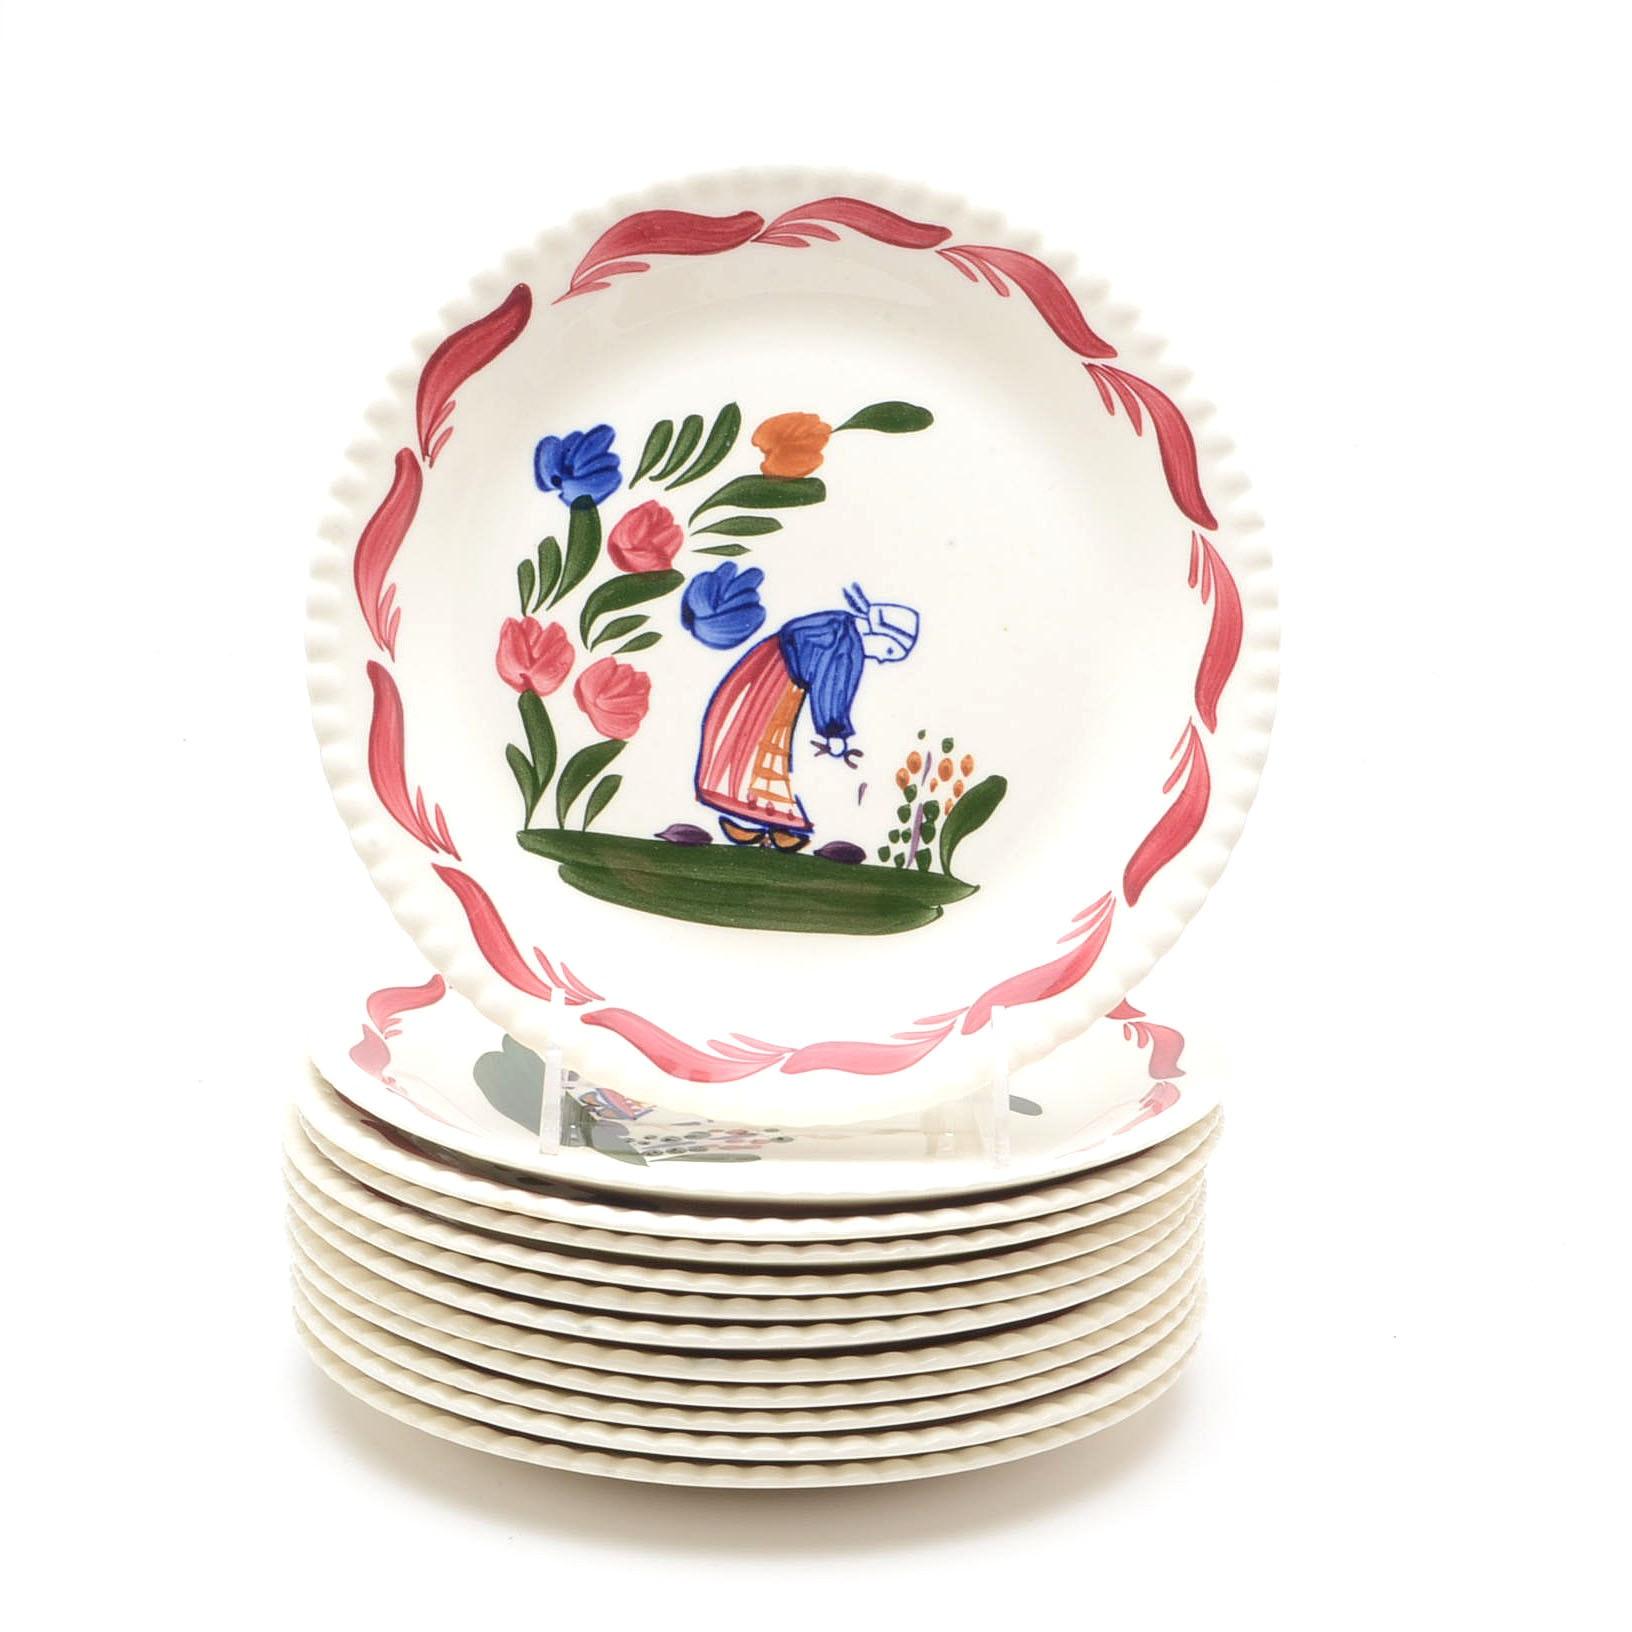 Southern Pottery Plates